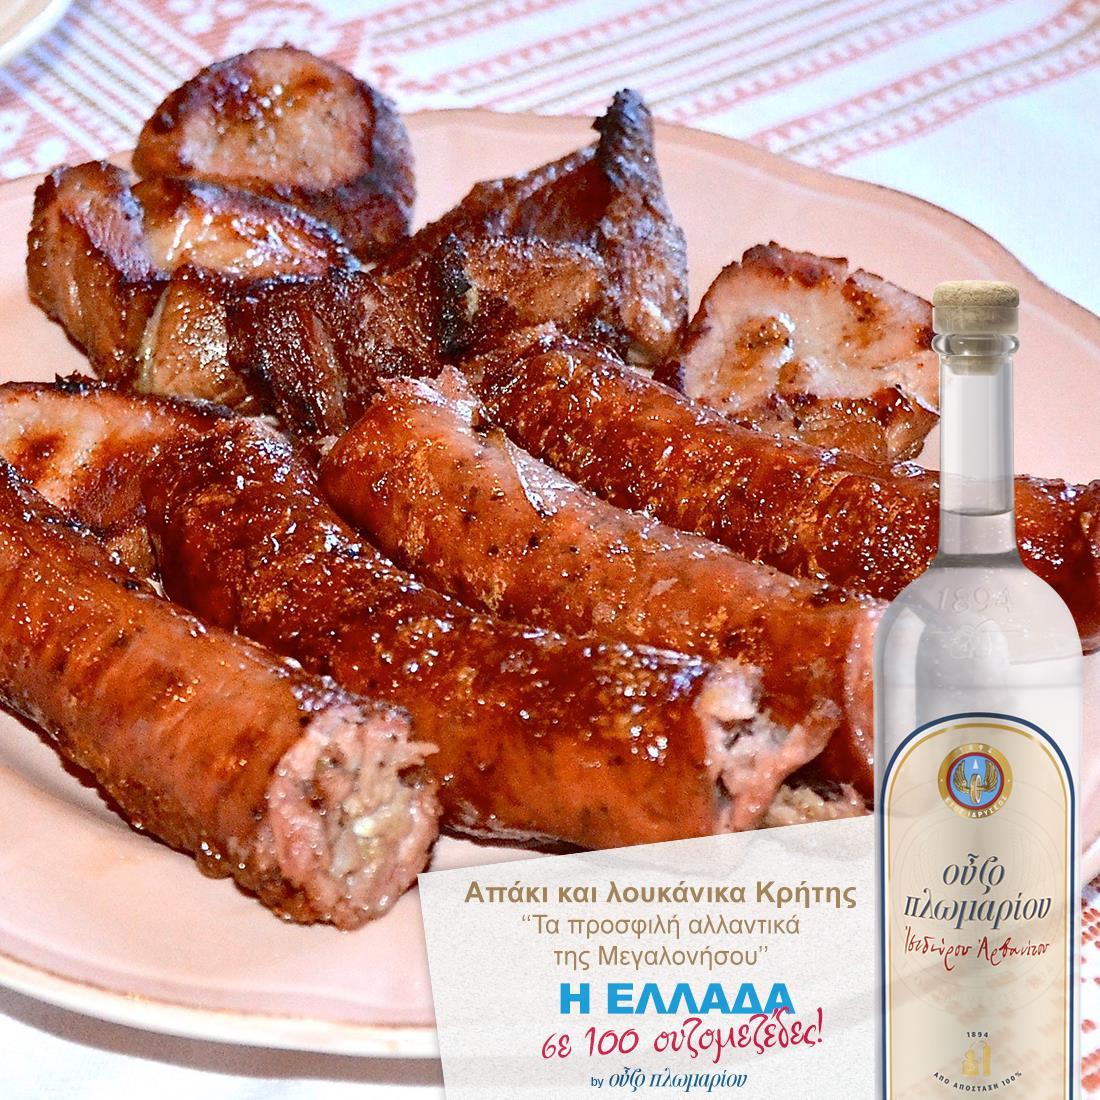 Απάκι και λουκάνικα Κρήτης - Ουζομεζέδες - Greek Gastronomy Guide